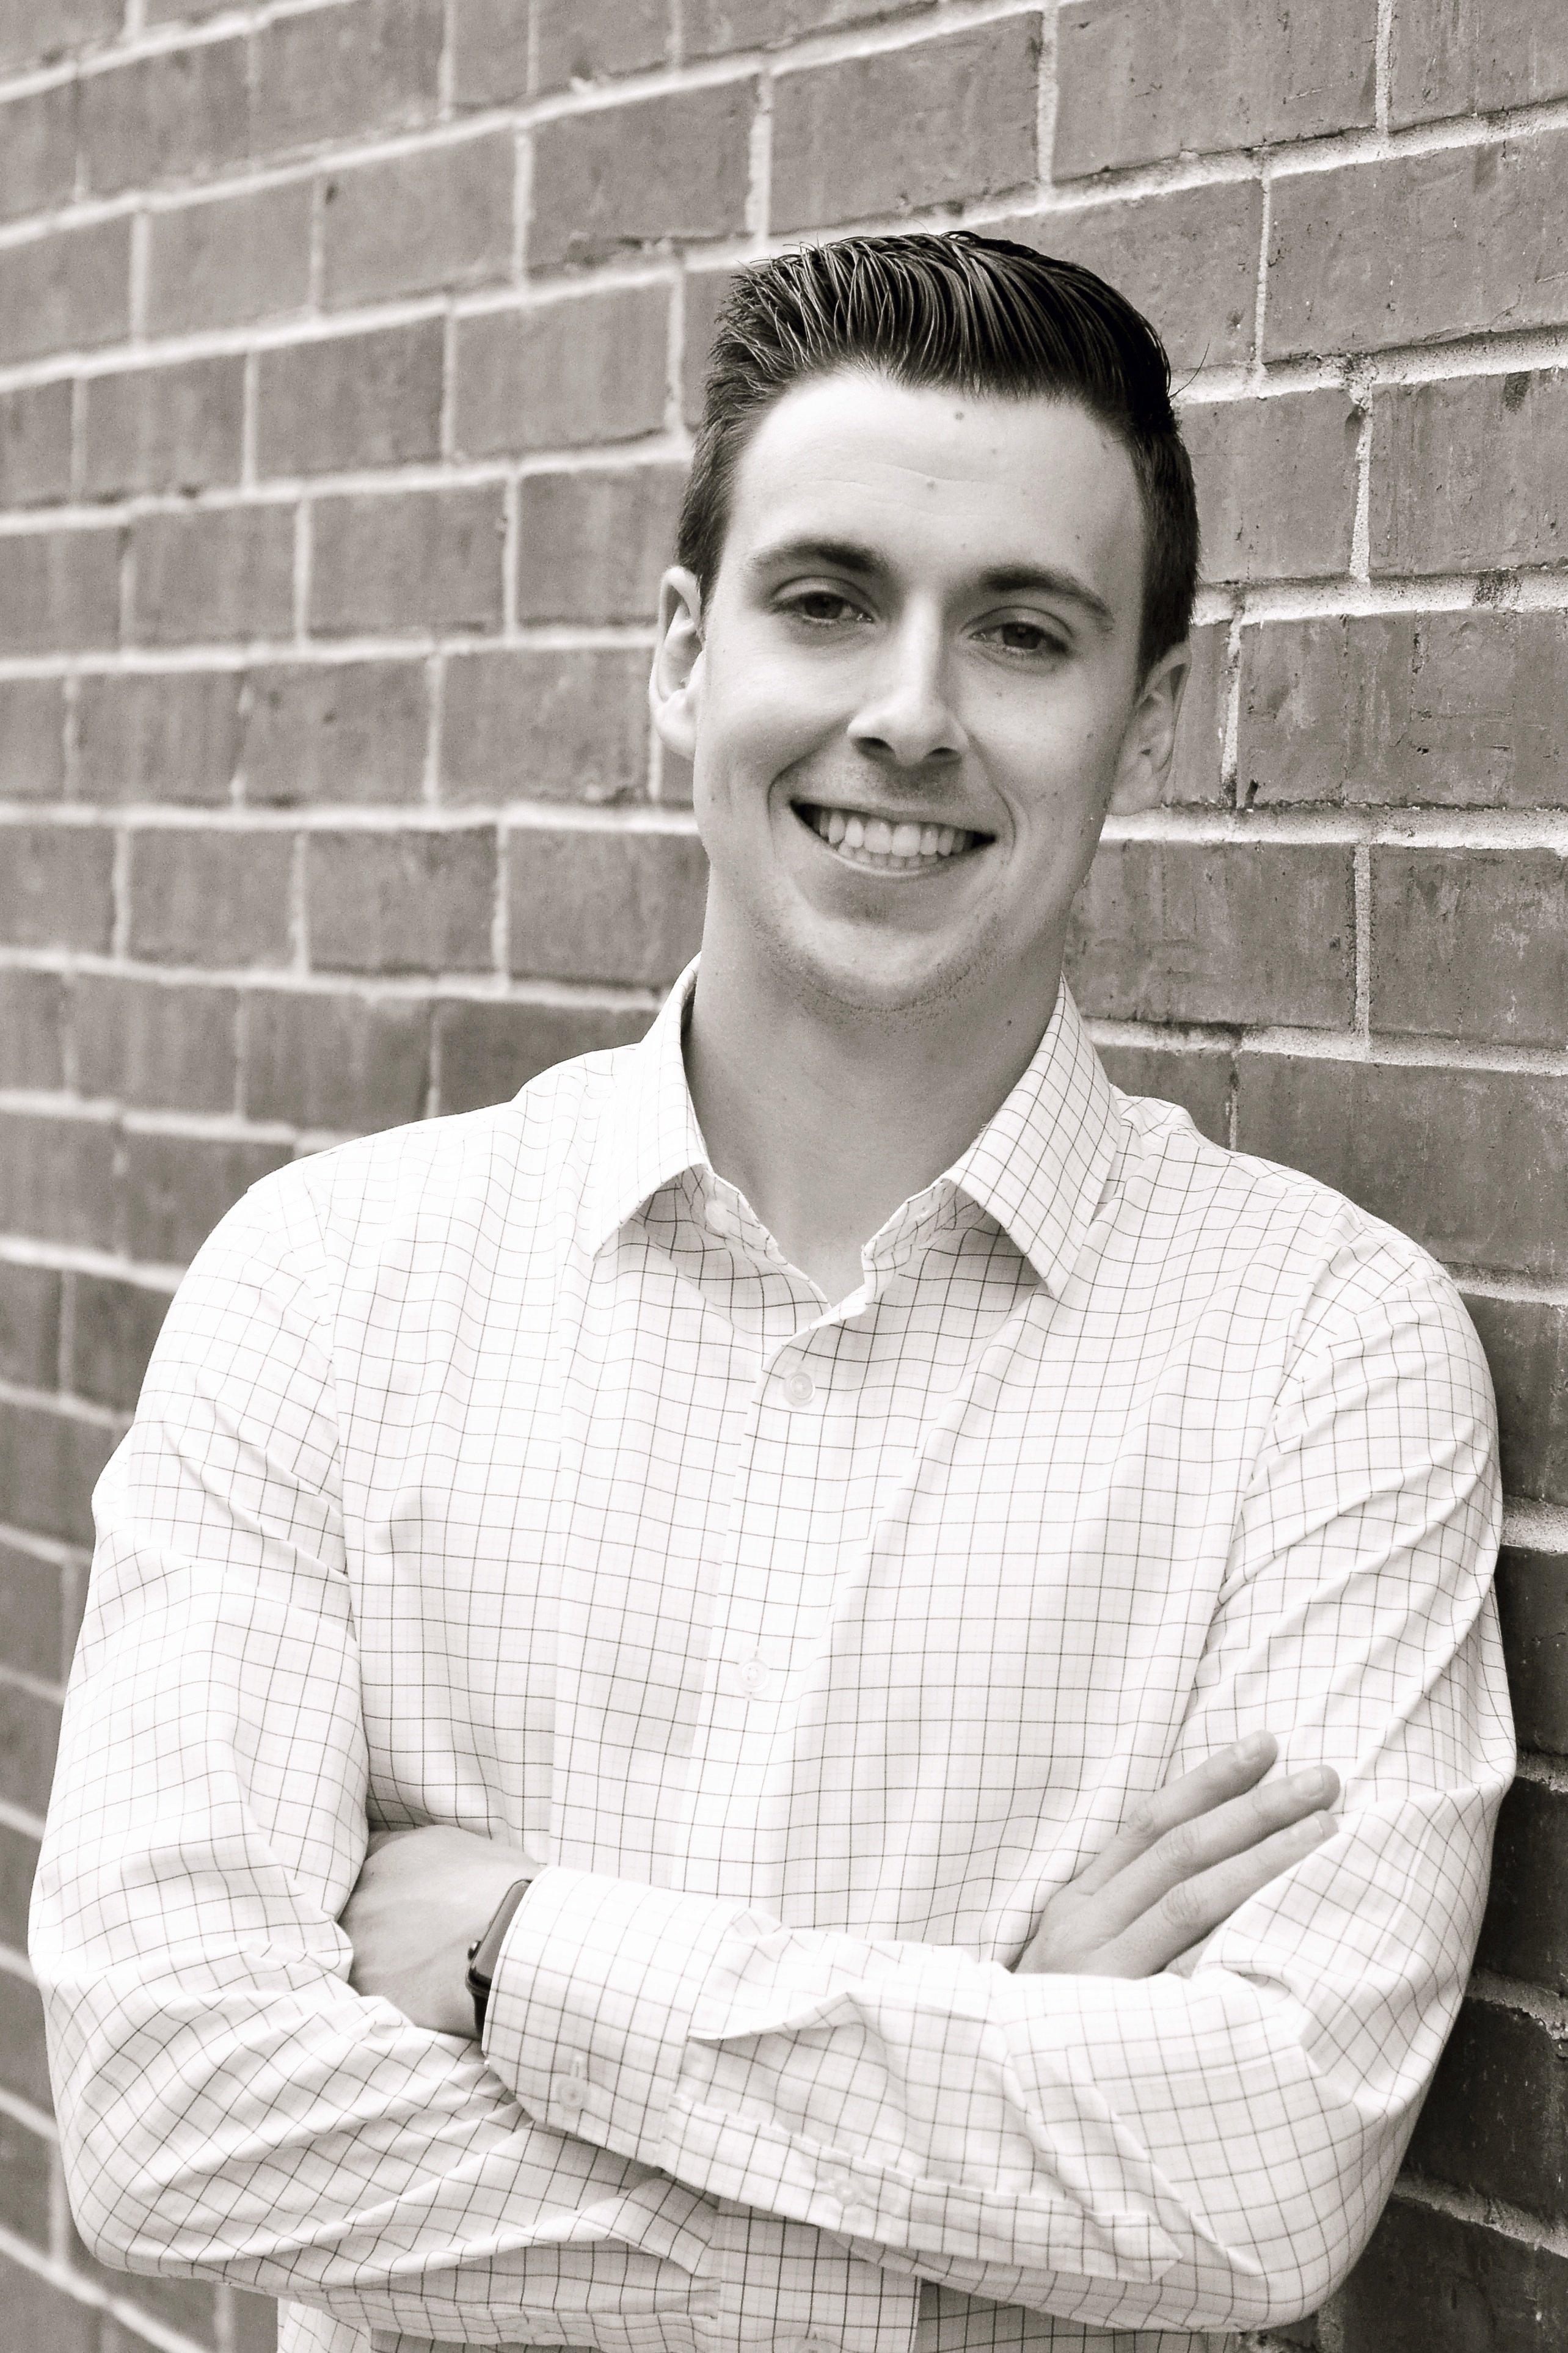 Matt Gregory